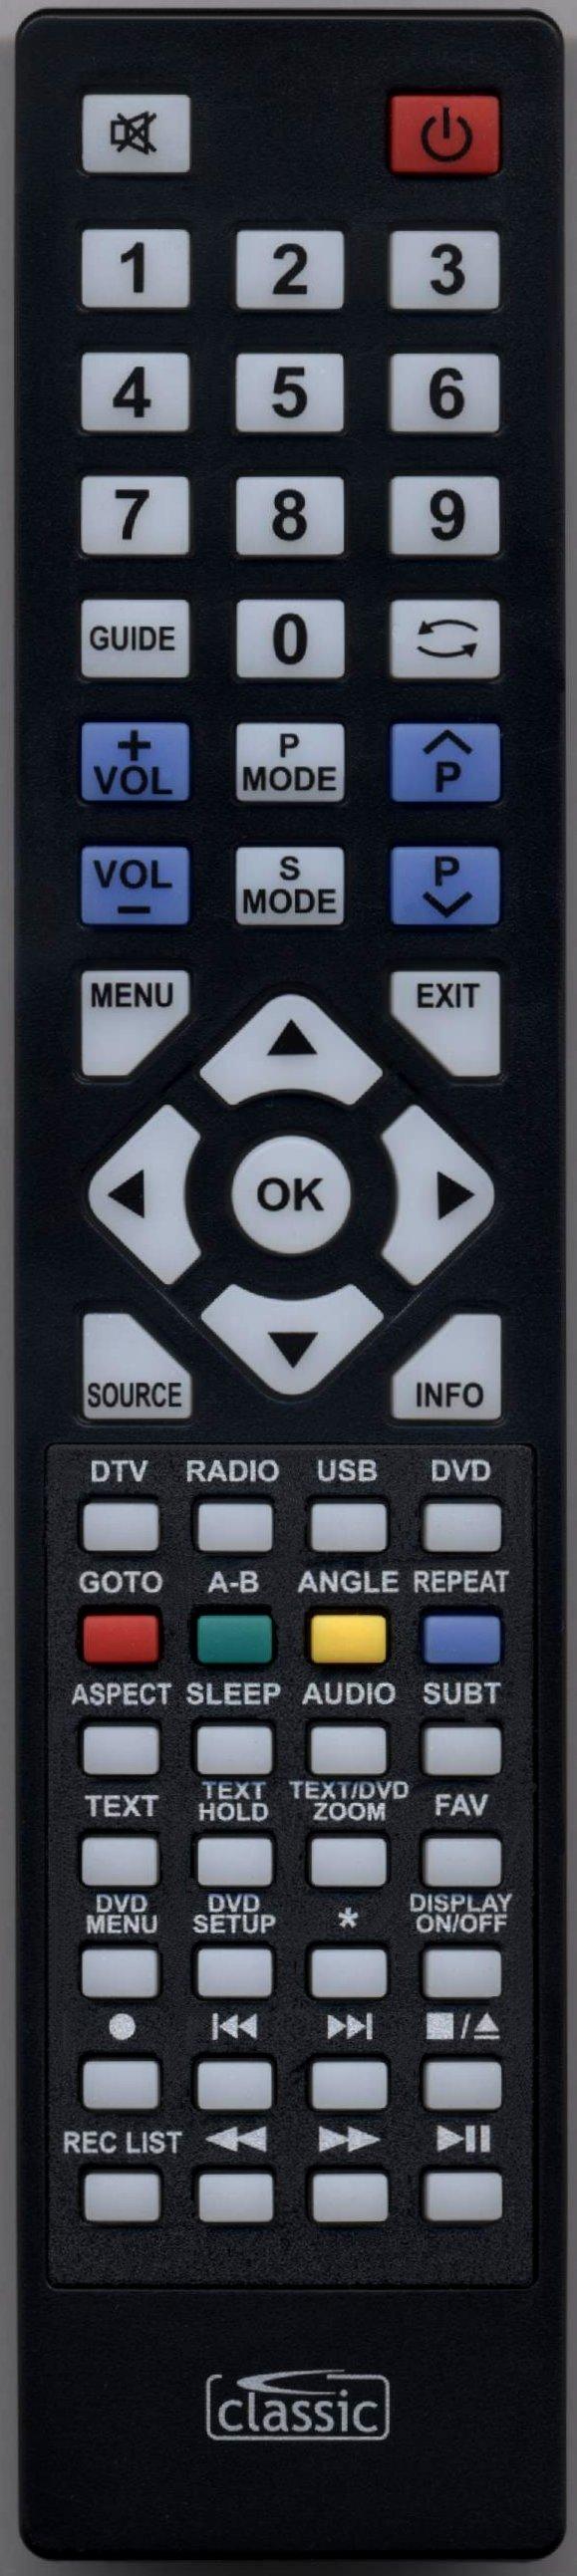 BLAUPUNKT 236/207O-GB-3B-EGDPS-UK Remote Control Alternative